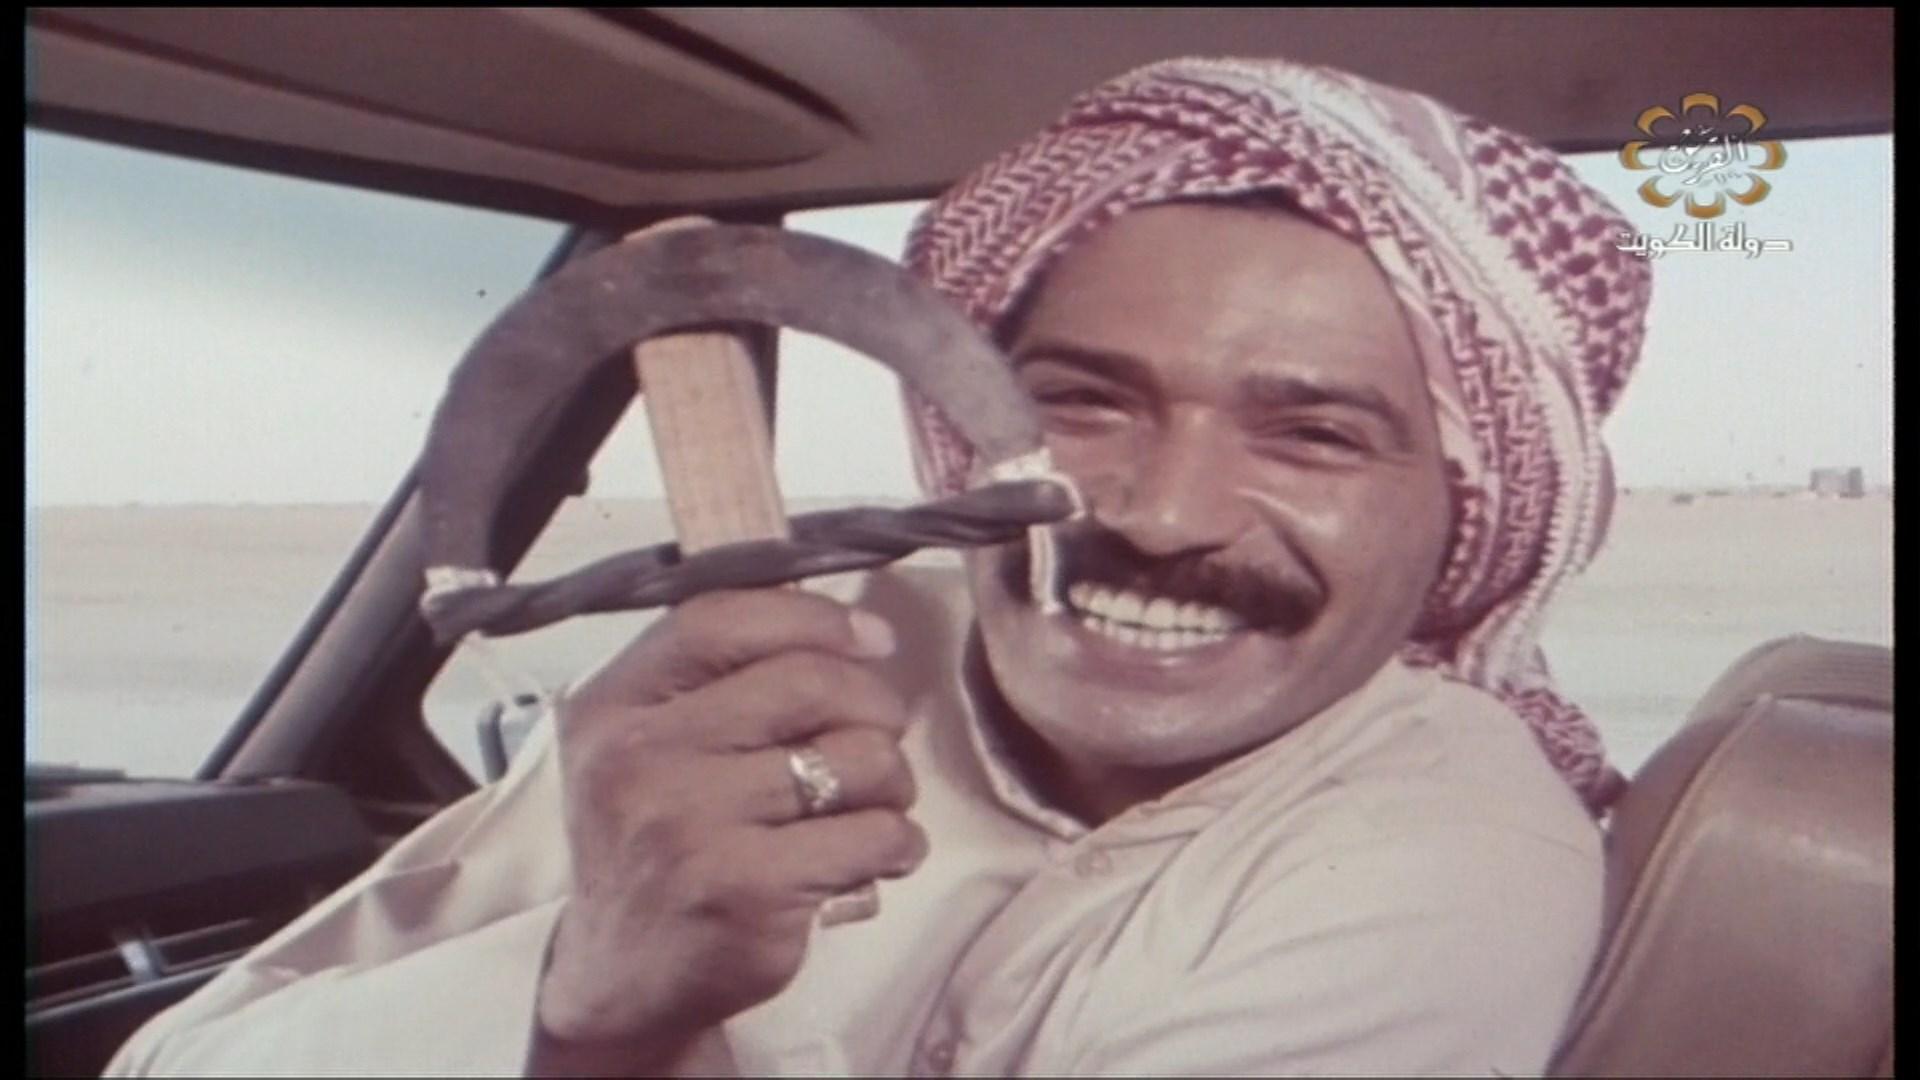 [فيلم][تورنت][تحميل][الفخ][1983][1080p][HDTV][كويتي] 1 arabp2p.com